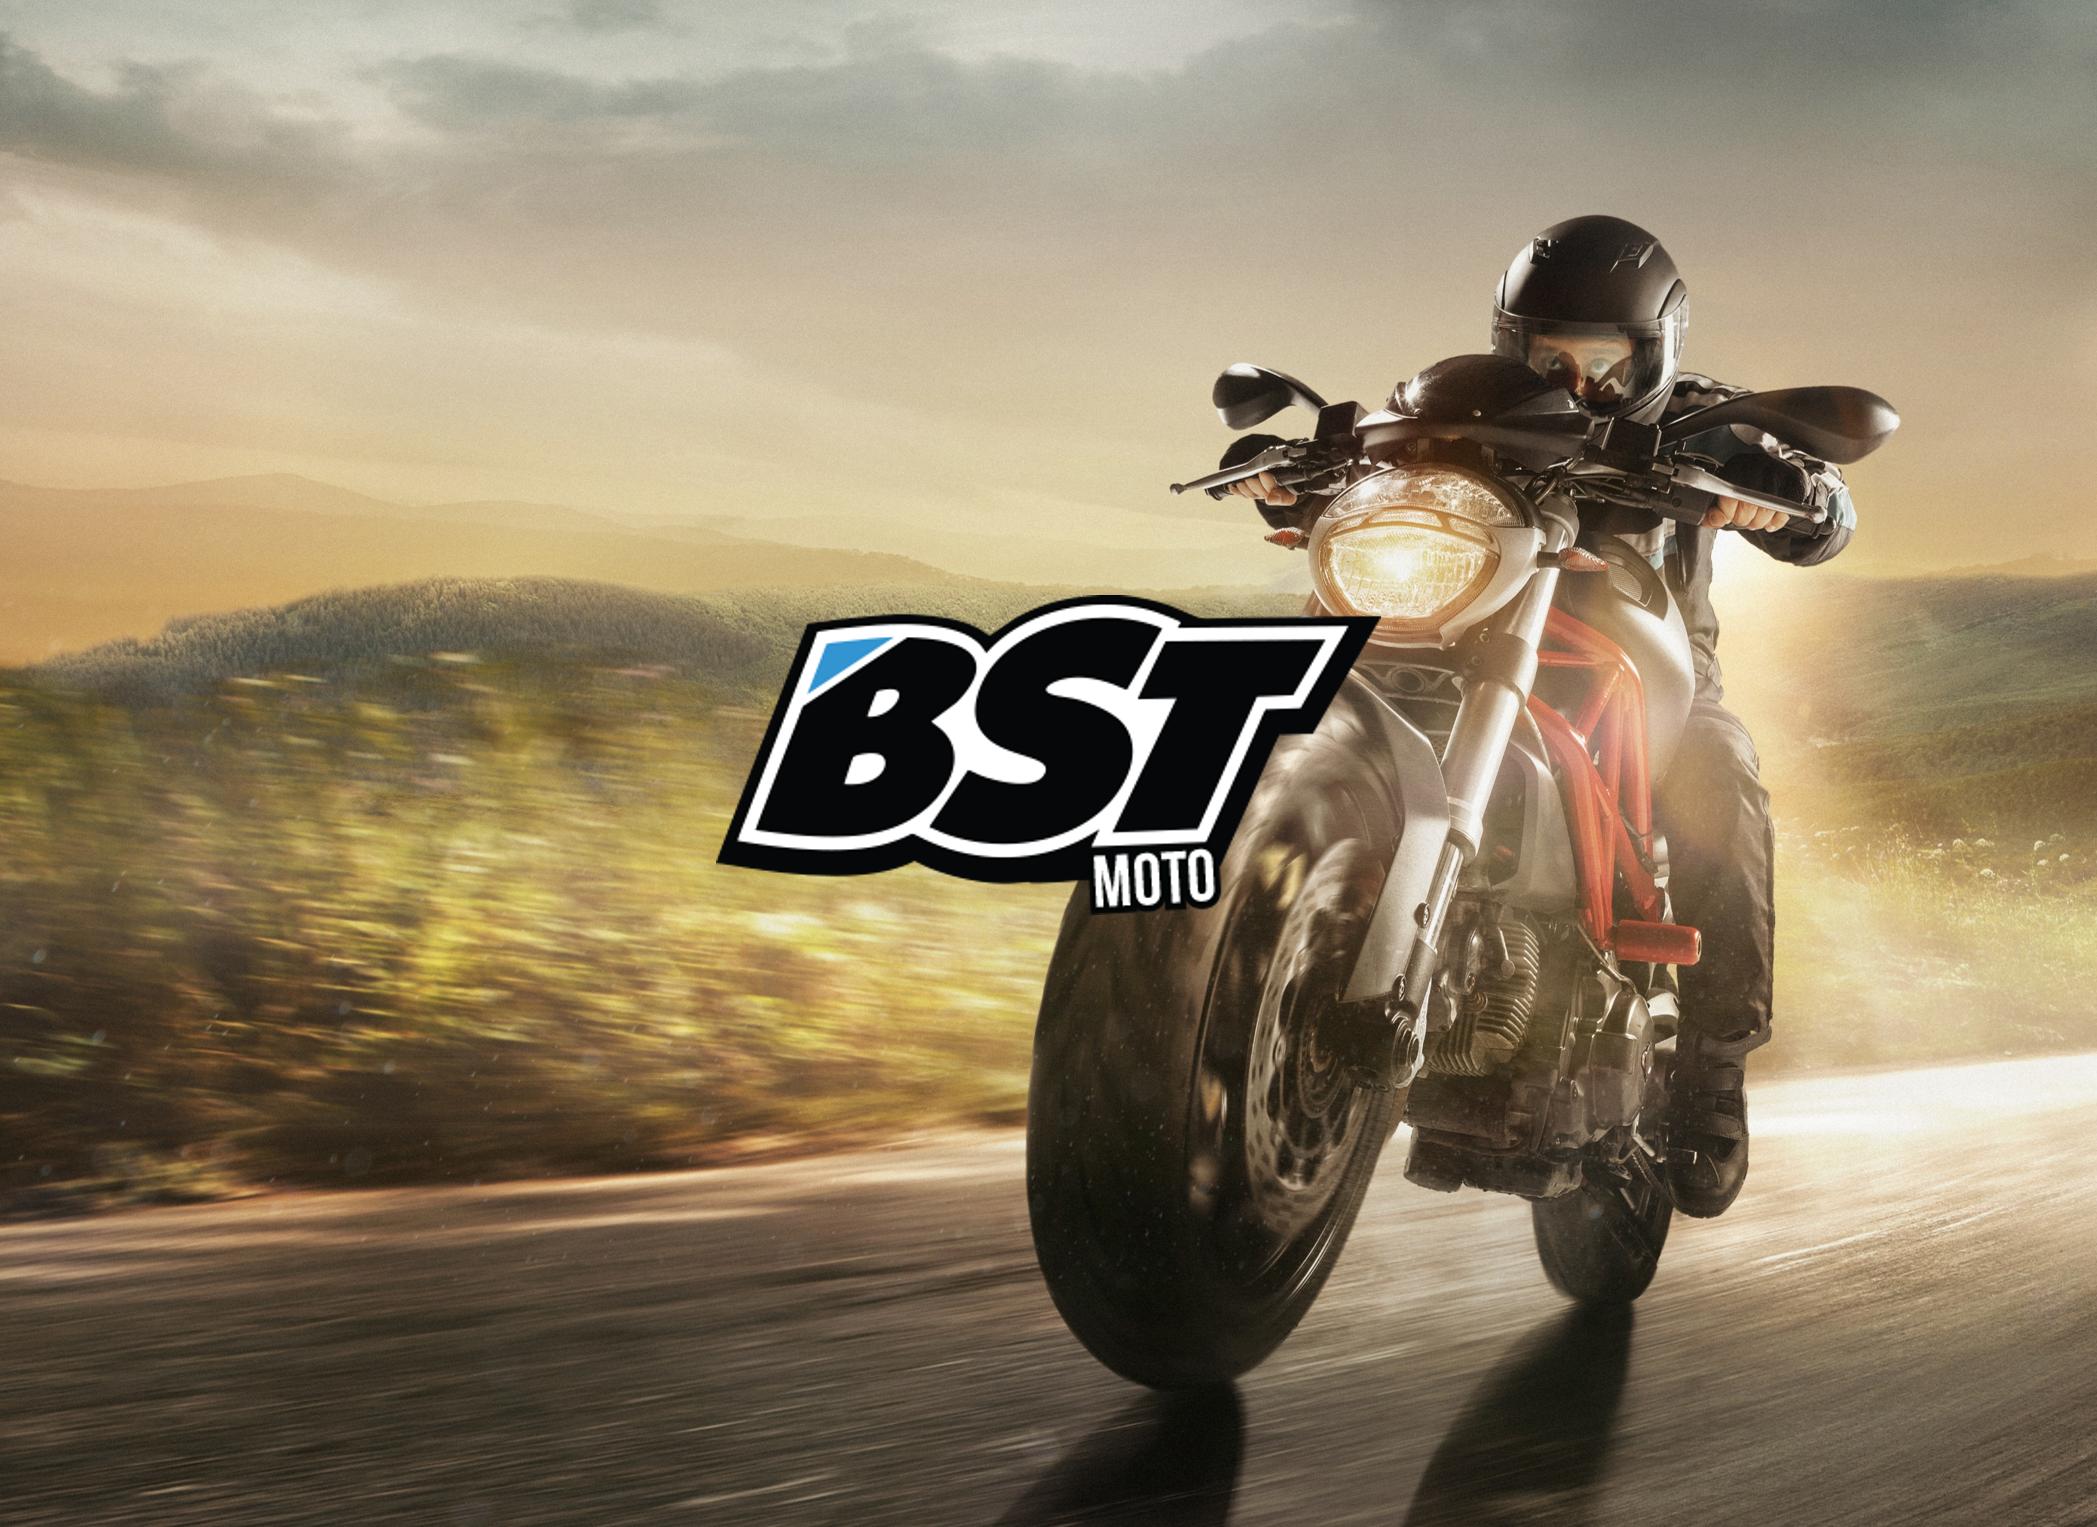 ref-BST moto